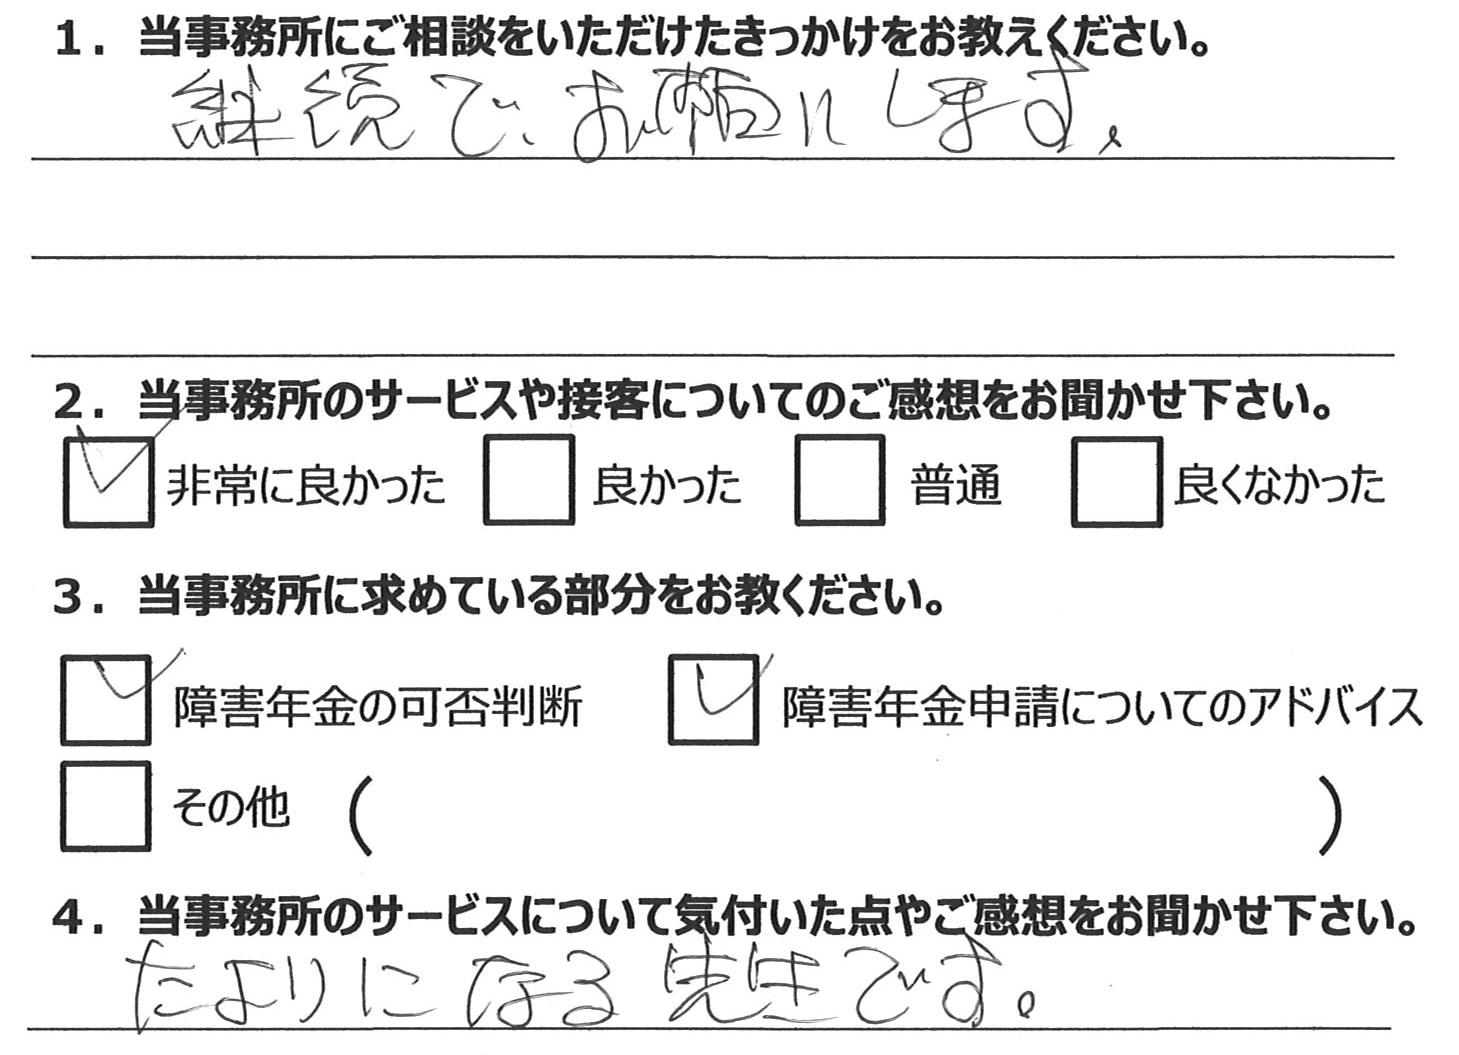 相談者様のアンケート154